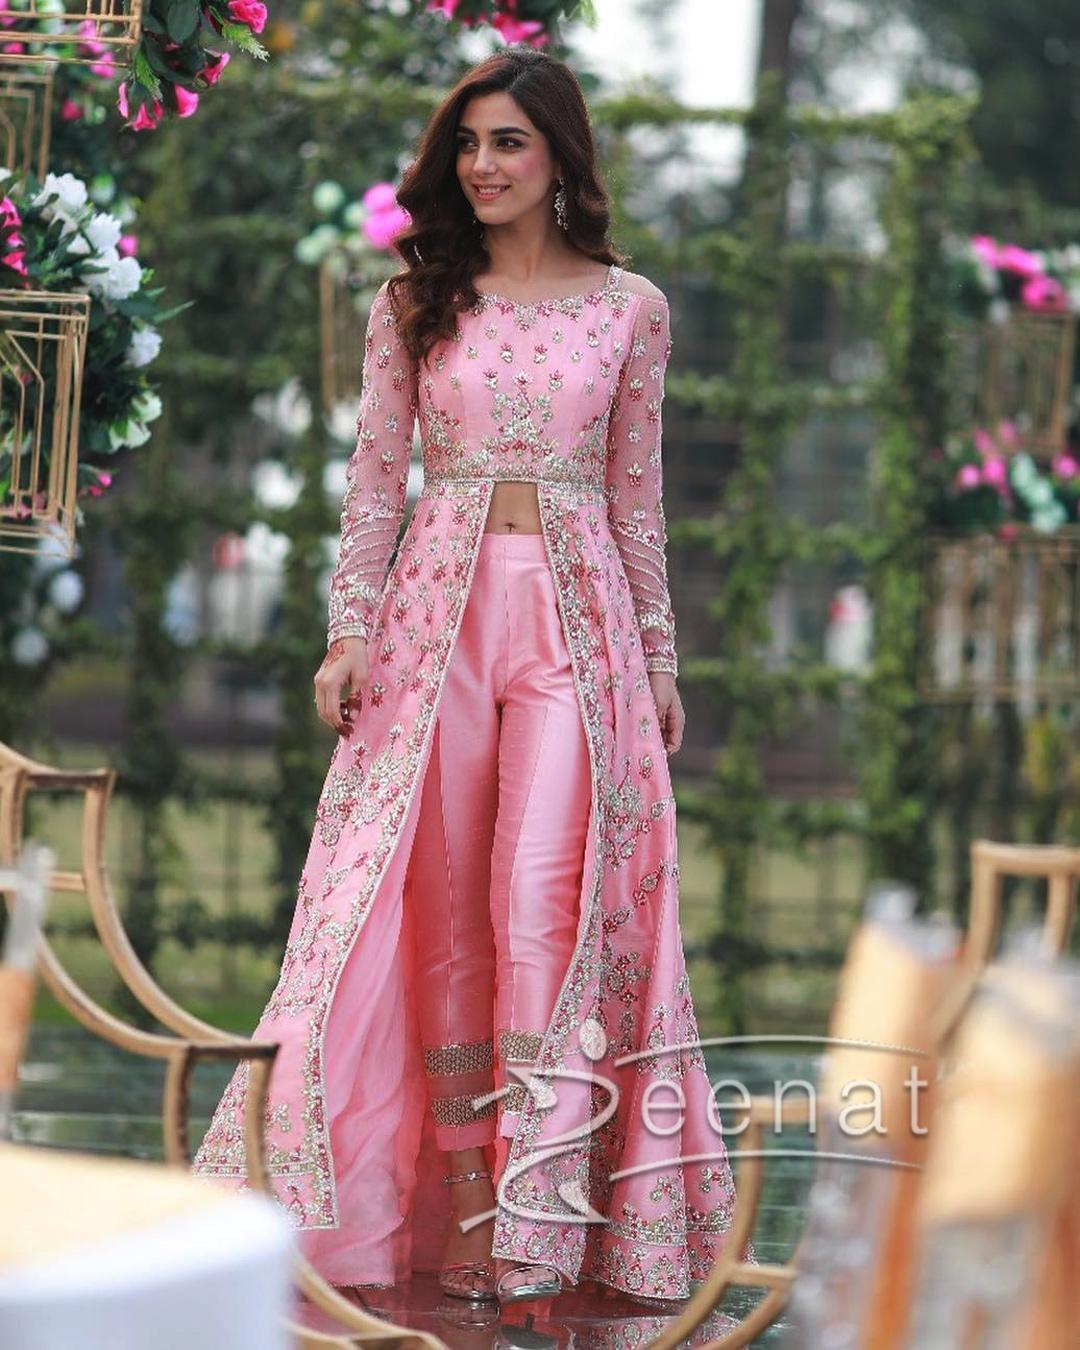 Maya Ali In Faiza Saqlain Pink Dress